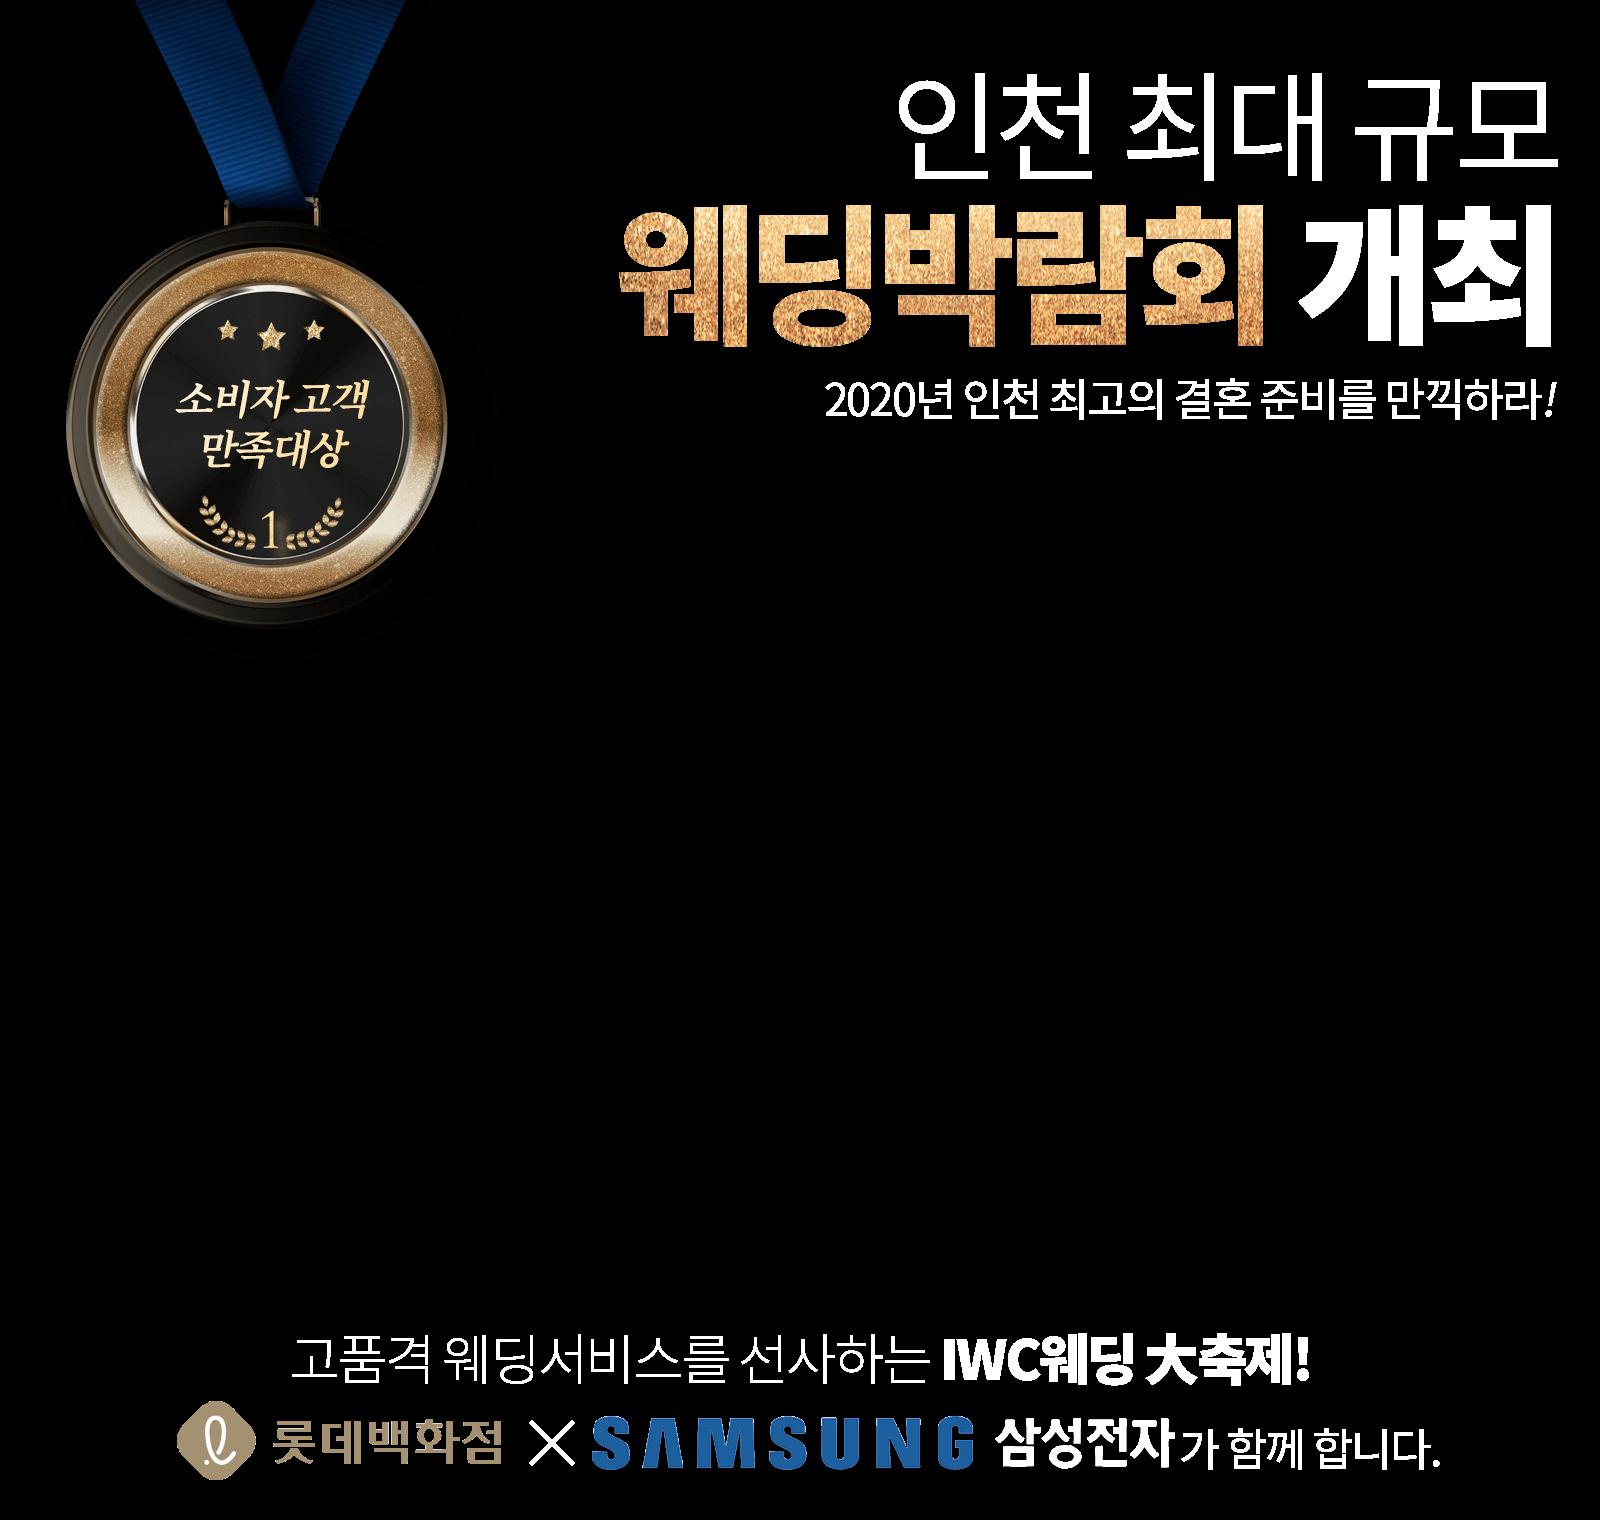 롯데백화점 웨딩박람회